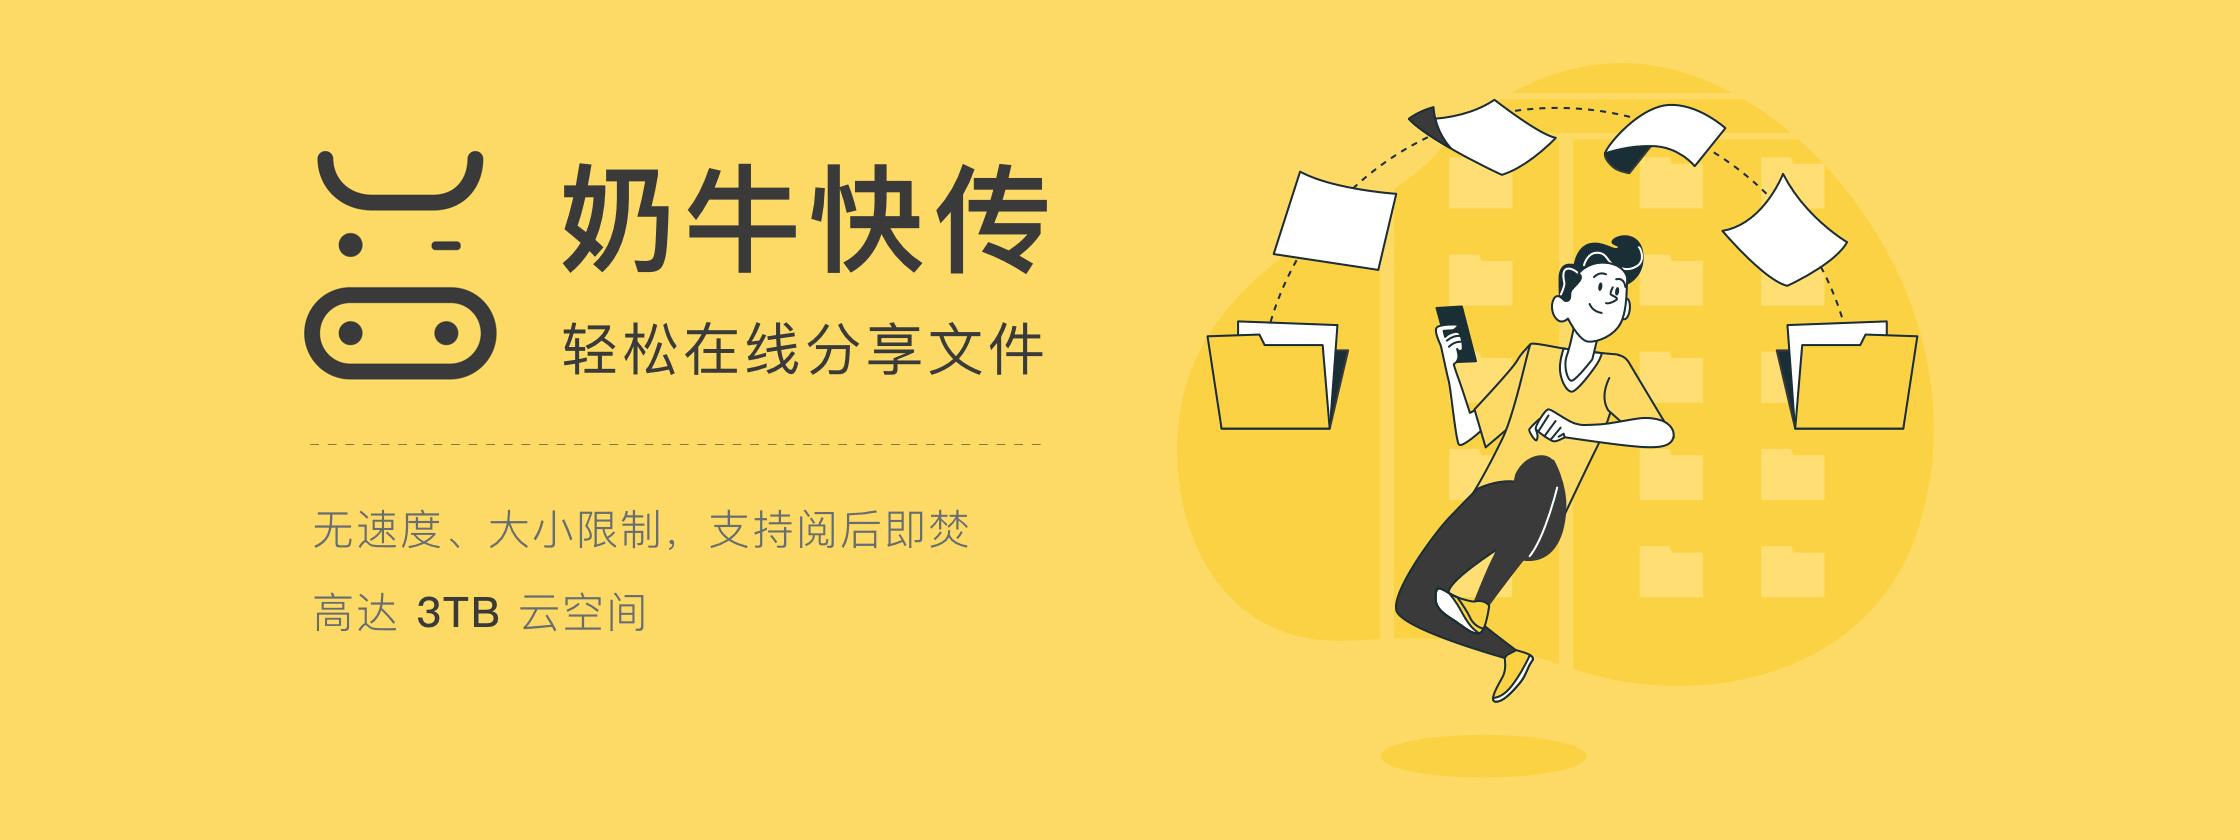 奶牛快传 – 不限速的文件在线分享工具